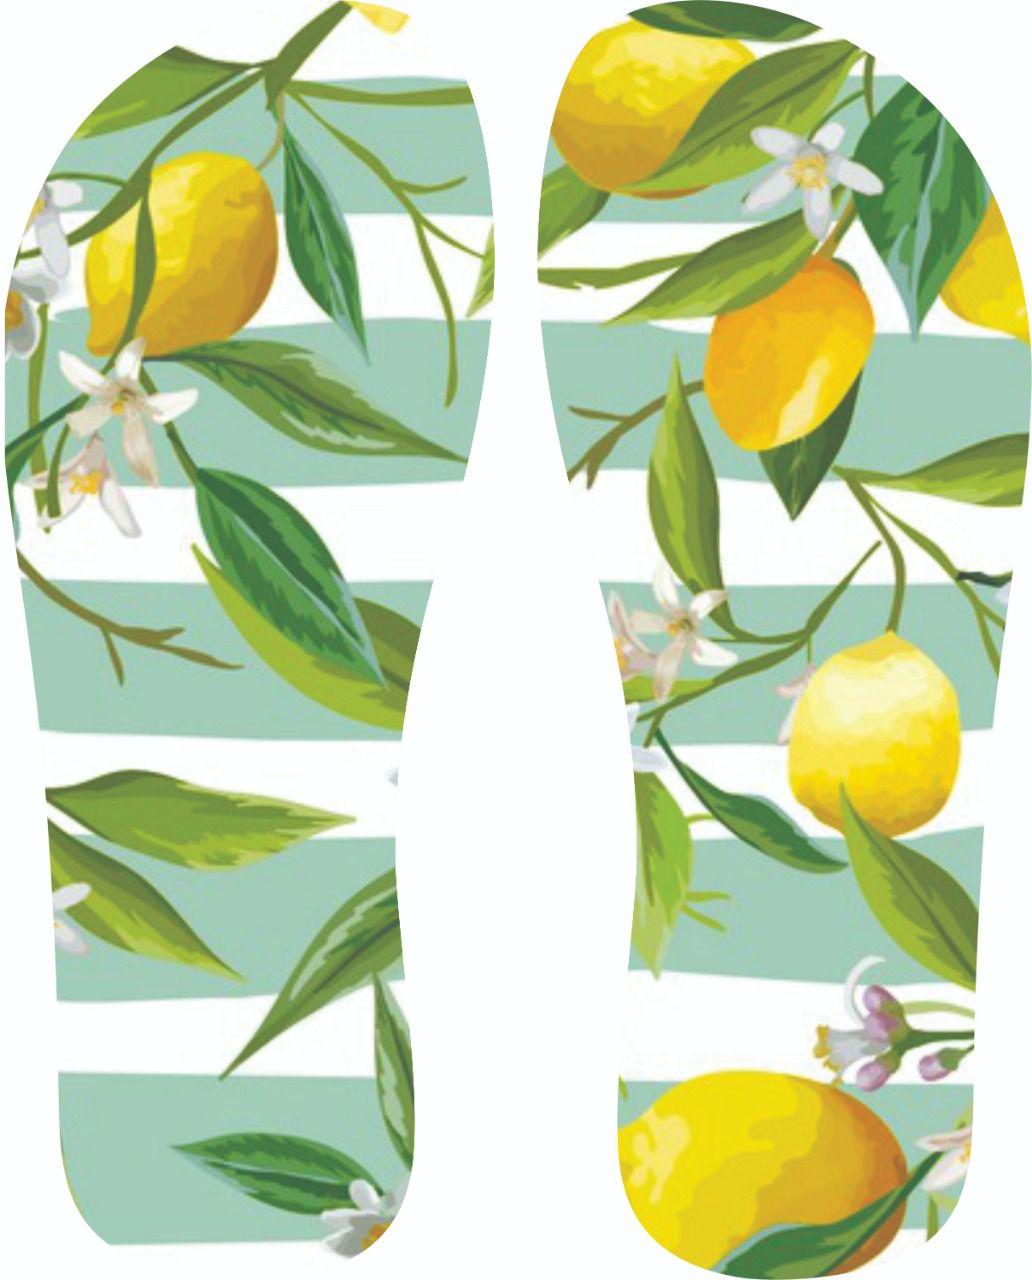 30 Quadrados de Borracha Top+ Estampado + Brinde de 30 pares de alças - Modelo Lemon  - INBOP - Indústria de Borrachas e Polímeros